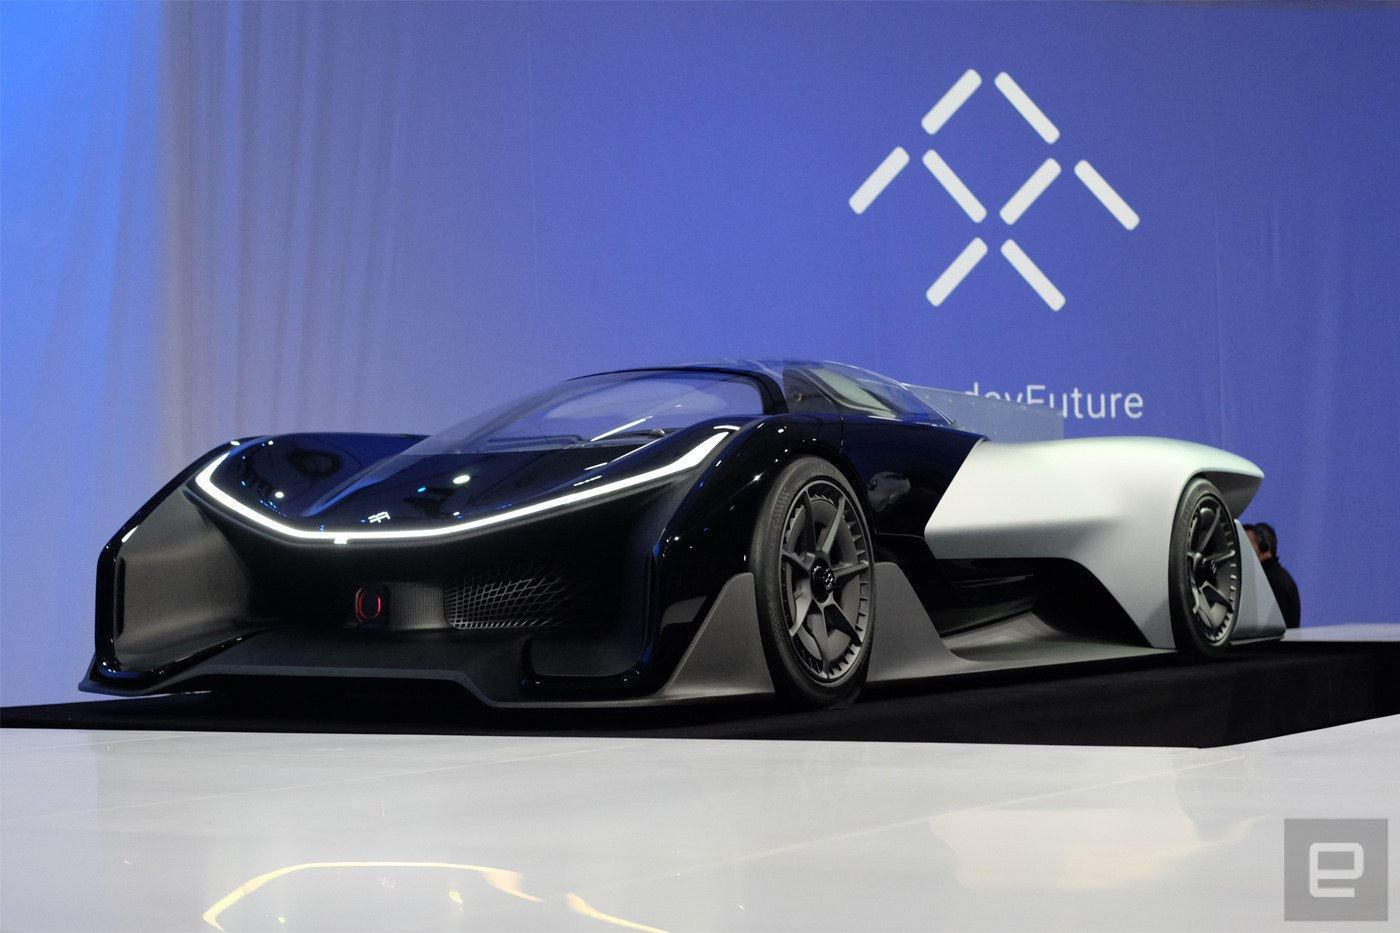 FaradayFuture nos trae su primer concepto de automóvil el cual resulta muy prometedor